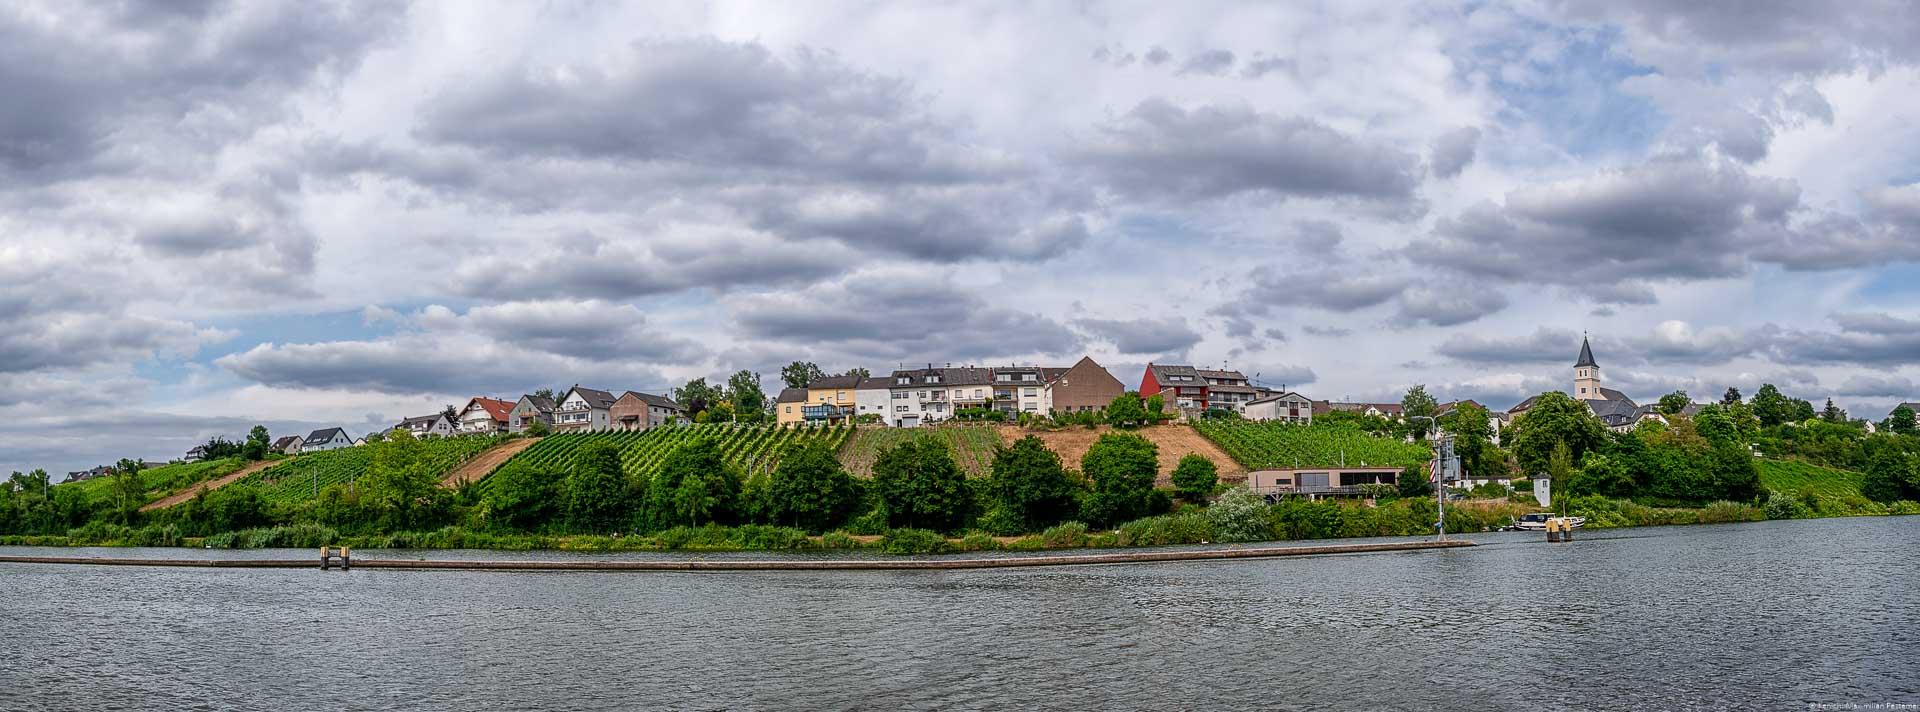 Mosel im Vordergrund mit Weinbergen, Ort und bewölktem Himmel im Hintergrund